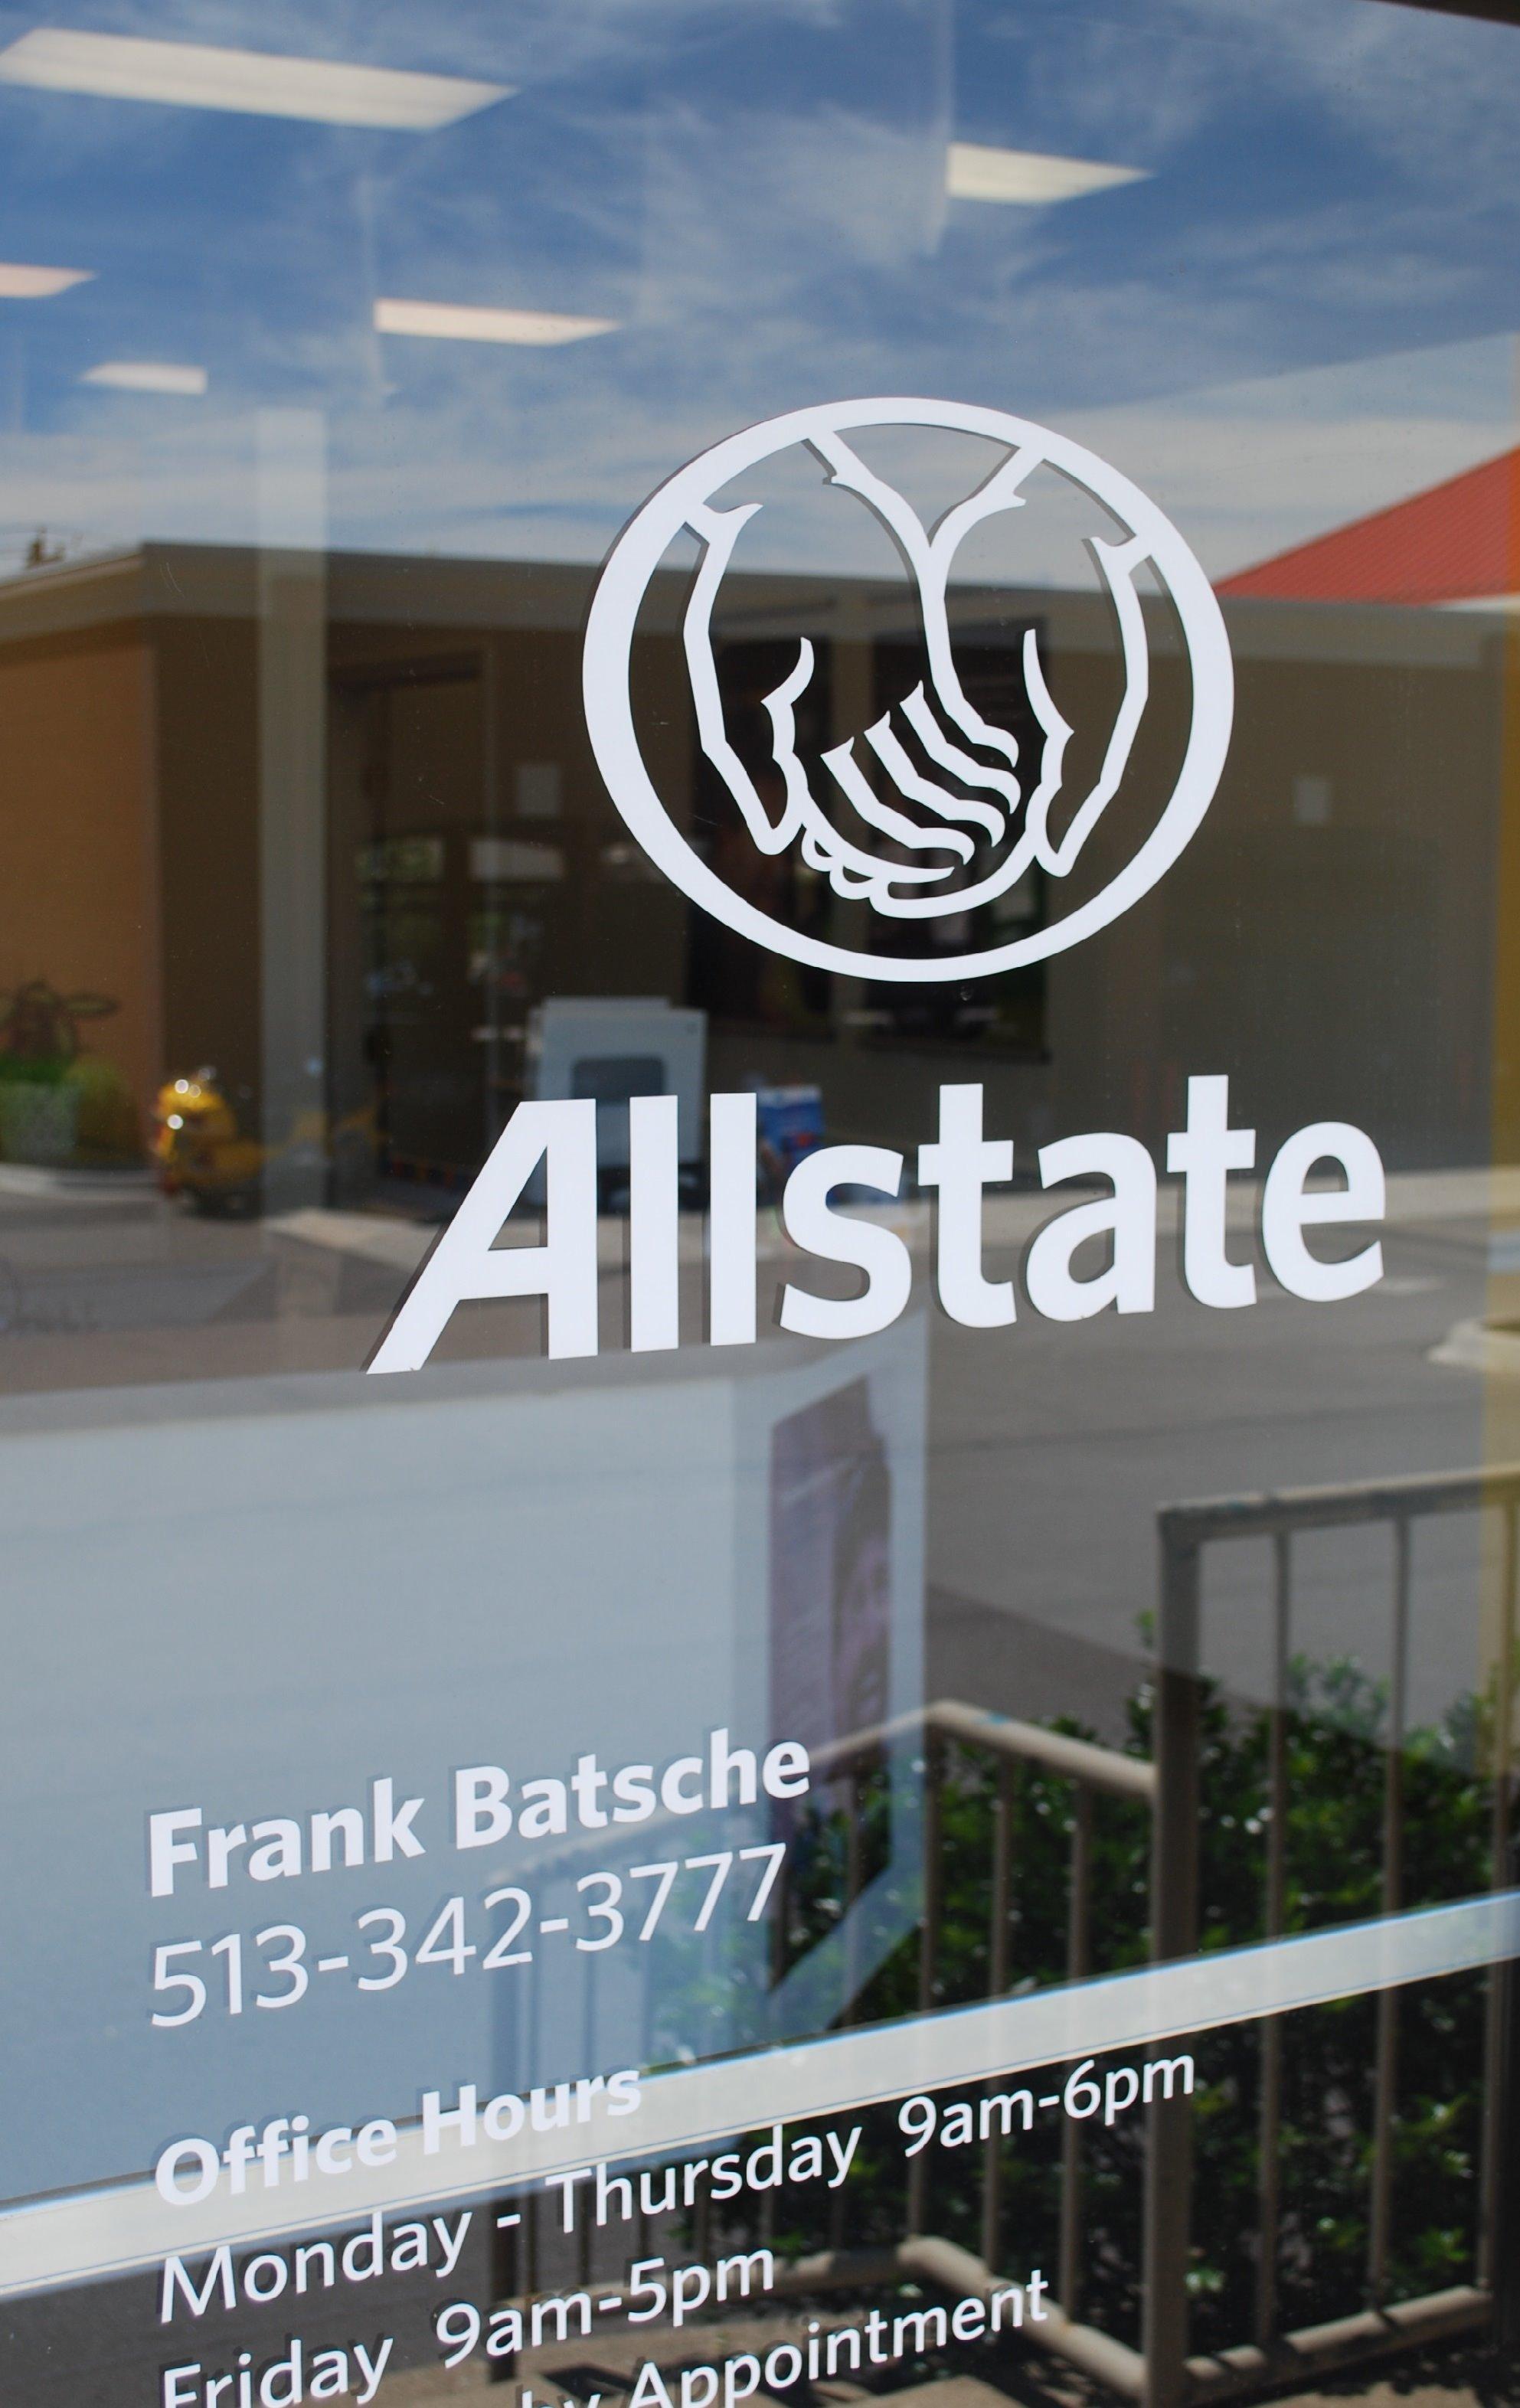 Frank Batsche: Allstate Insurance image 3